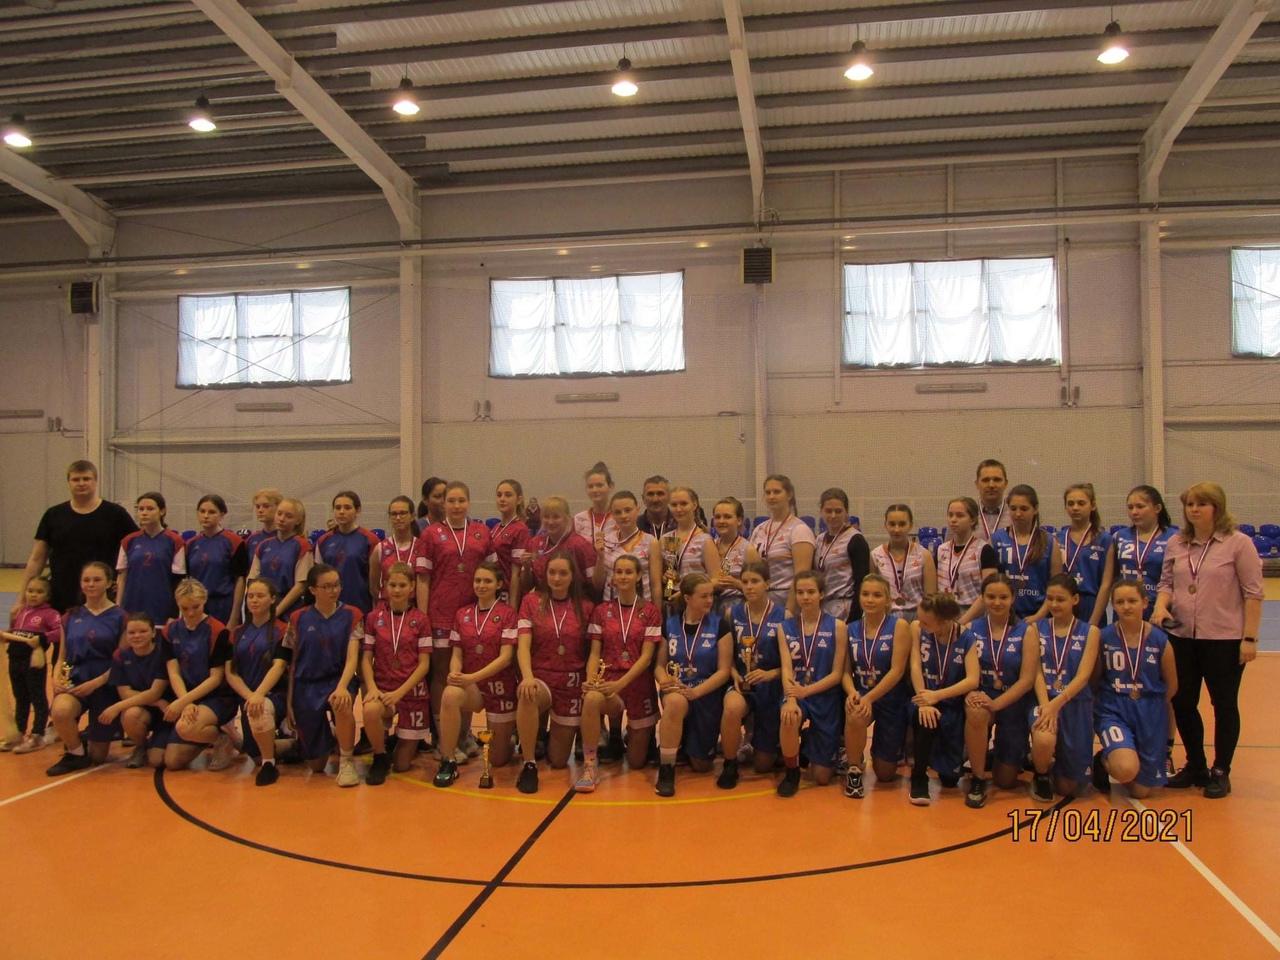 С 03 по 17 апреля 2021 года в г. Светлогорске состоялись соревнования первенства Калининградской области среди команд девушек до 16 лет и моложе. В соревнованиях приняли участие команды девушек г. Калининграда, г. Светлогорска, г. Черняховска и г. Зеленоградска.